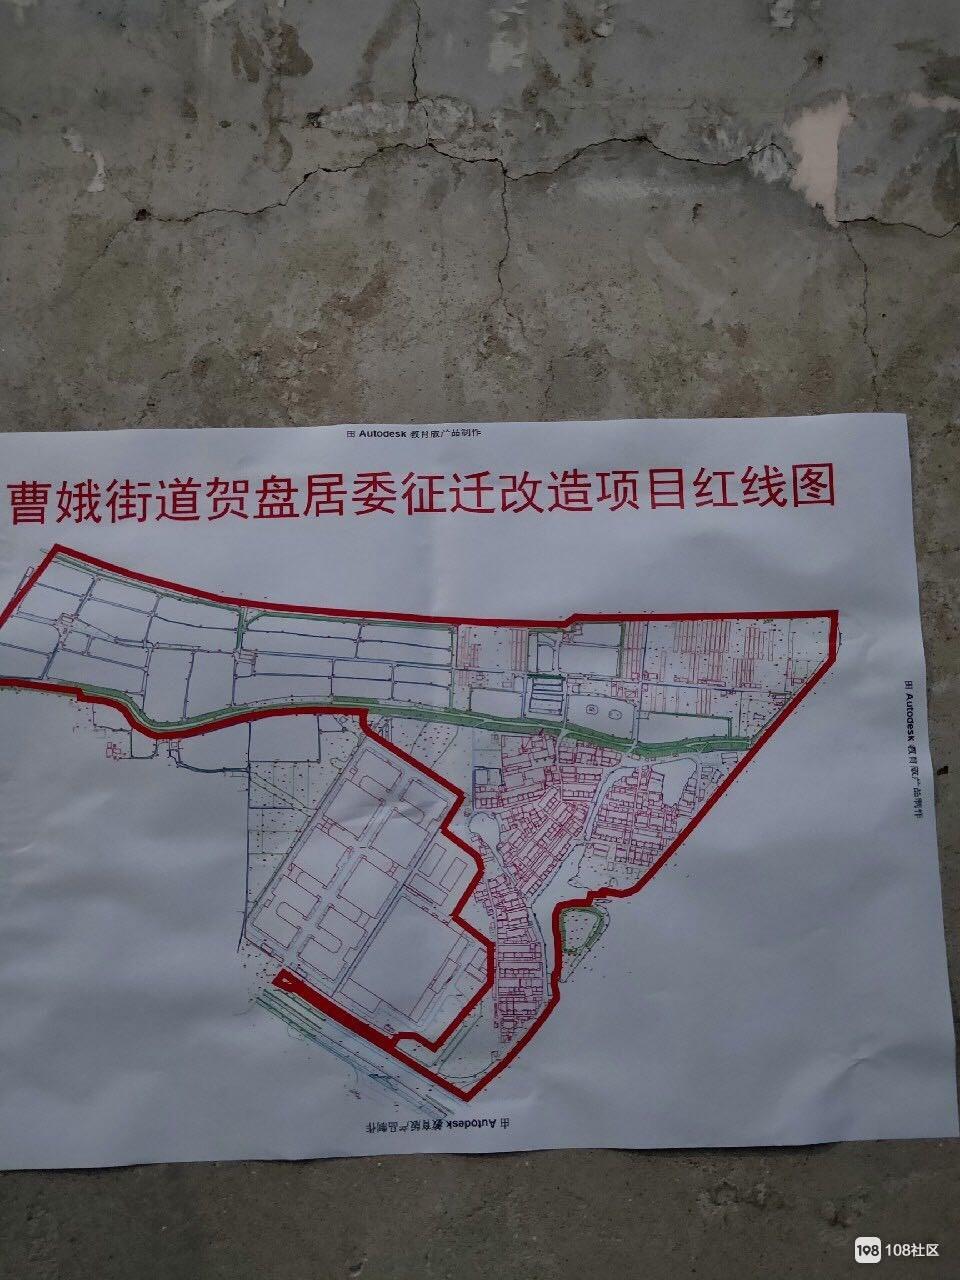 曹娥街道这两个地方要征迁了!村里已经贴出公告